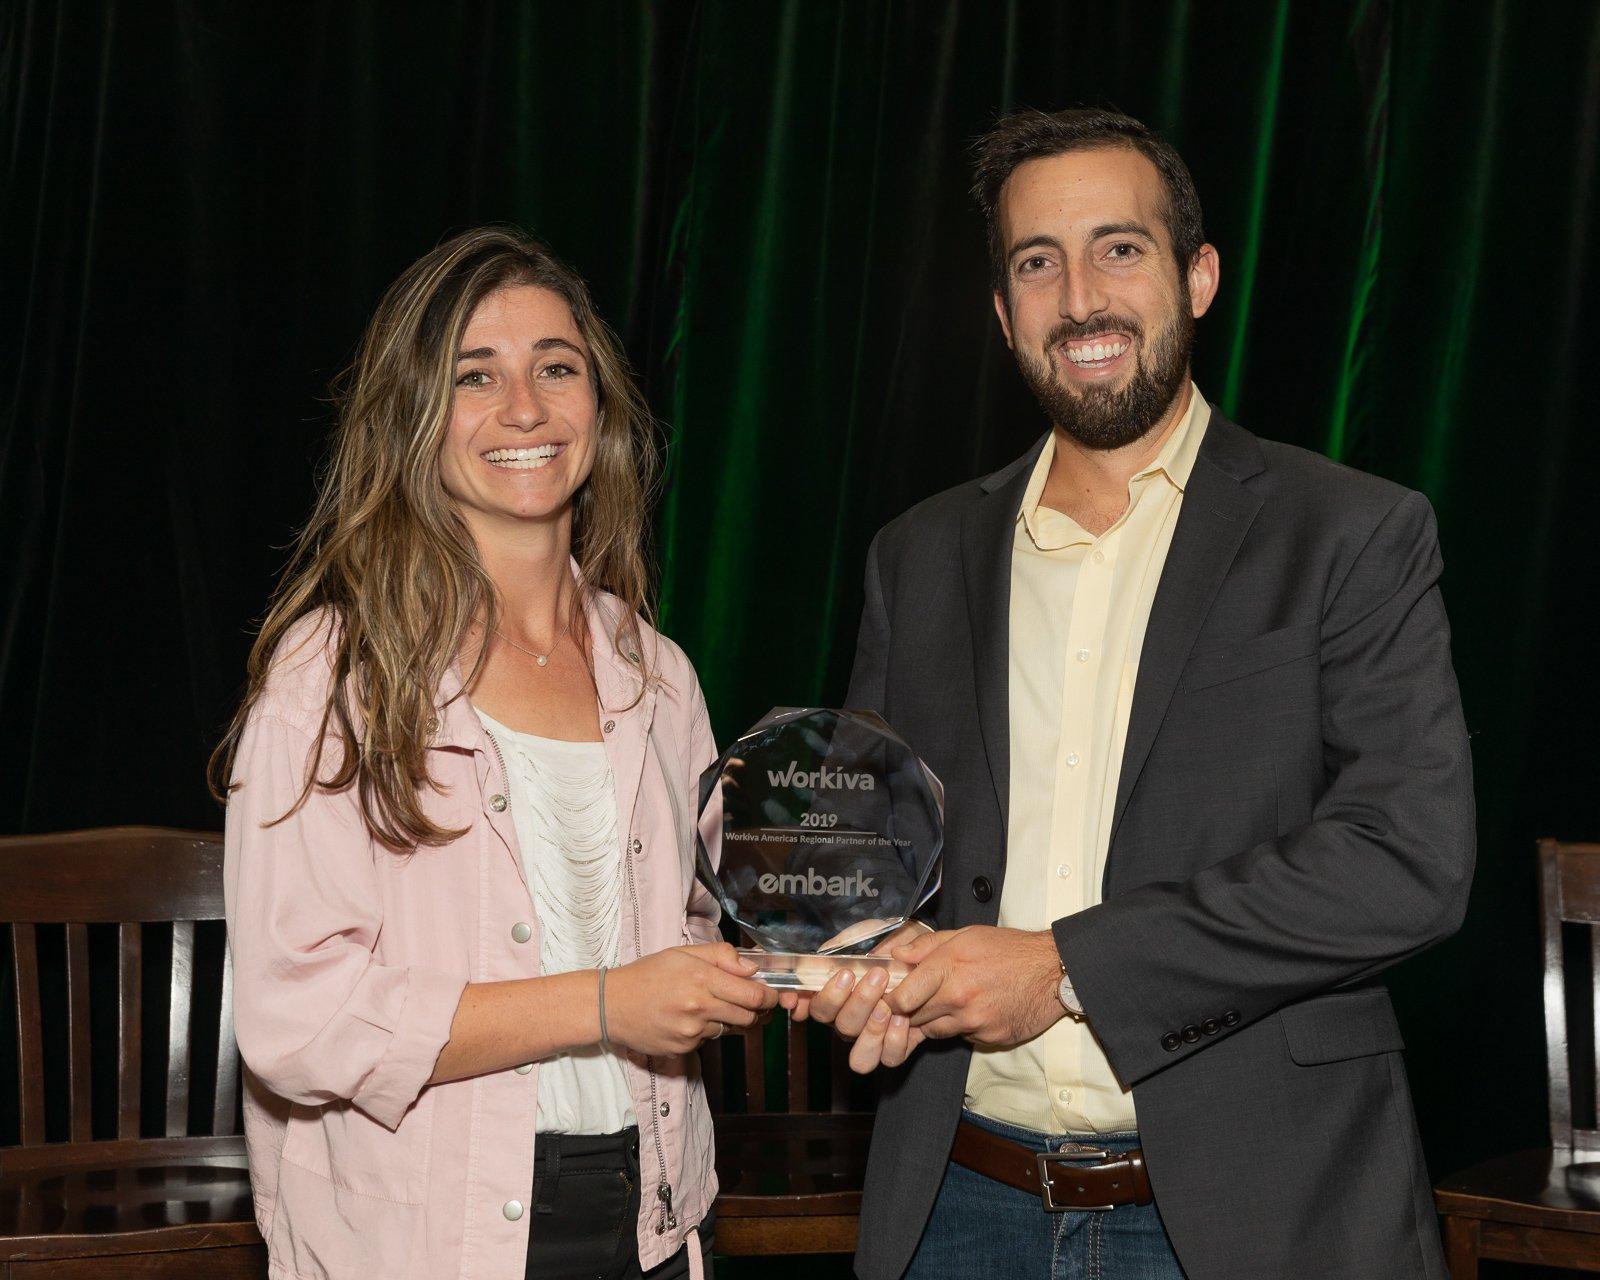 Embark Workiva Award Photo